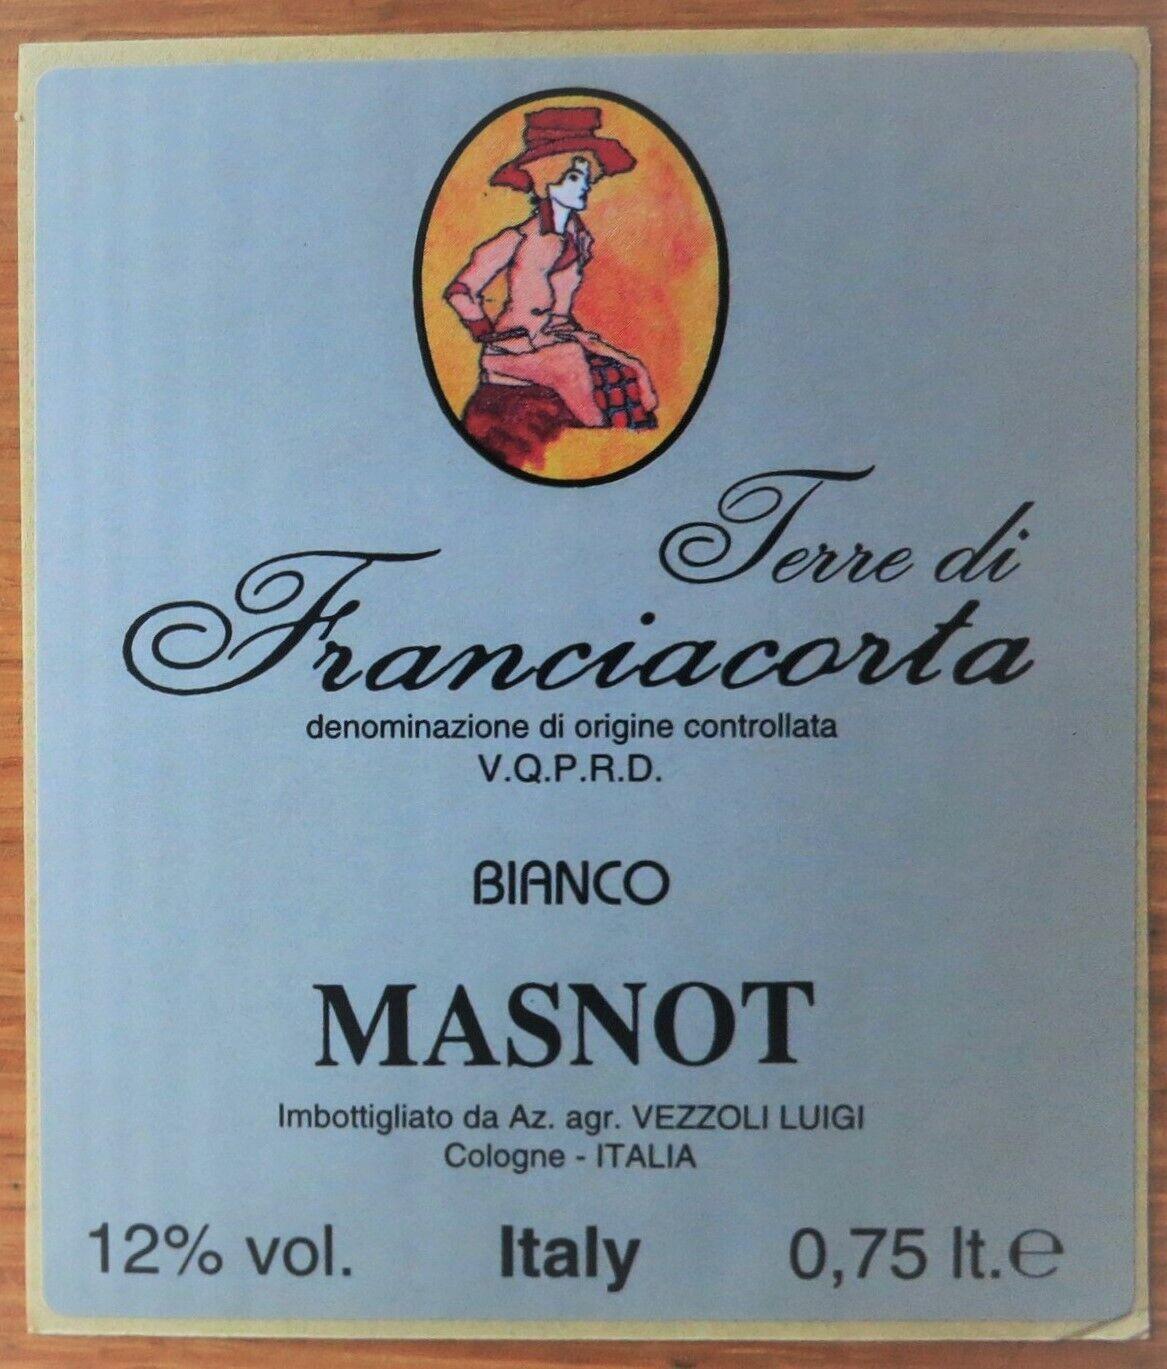 Etichette vino ITALIA TERRE DI FRANCIACORTA Bianco MASNOT  wine labels